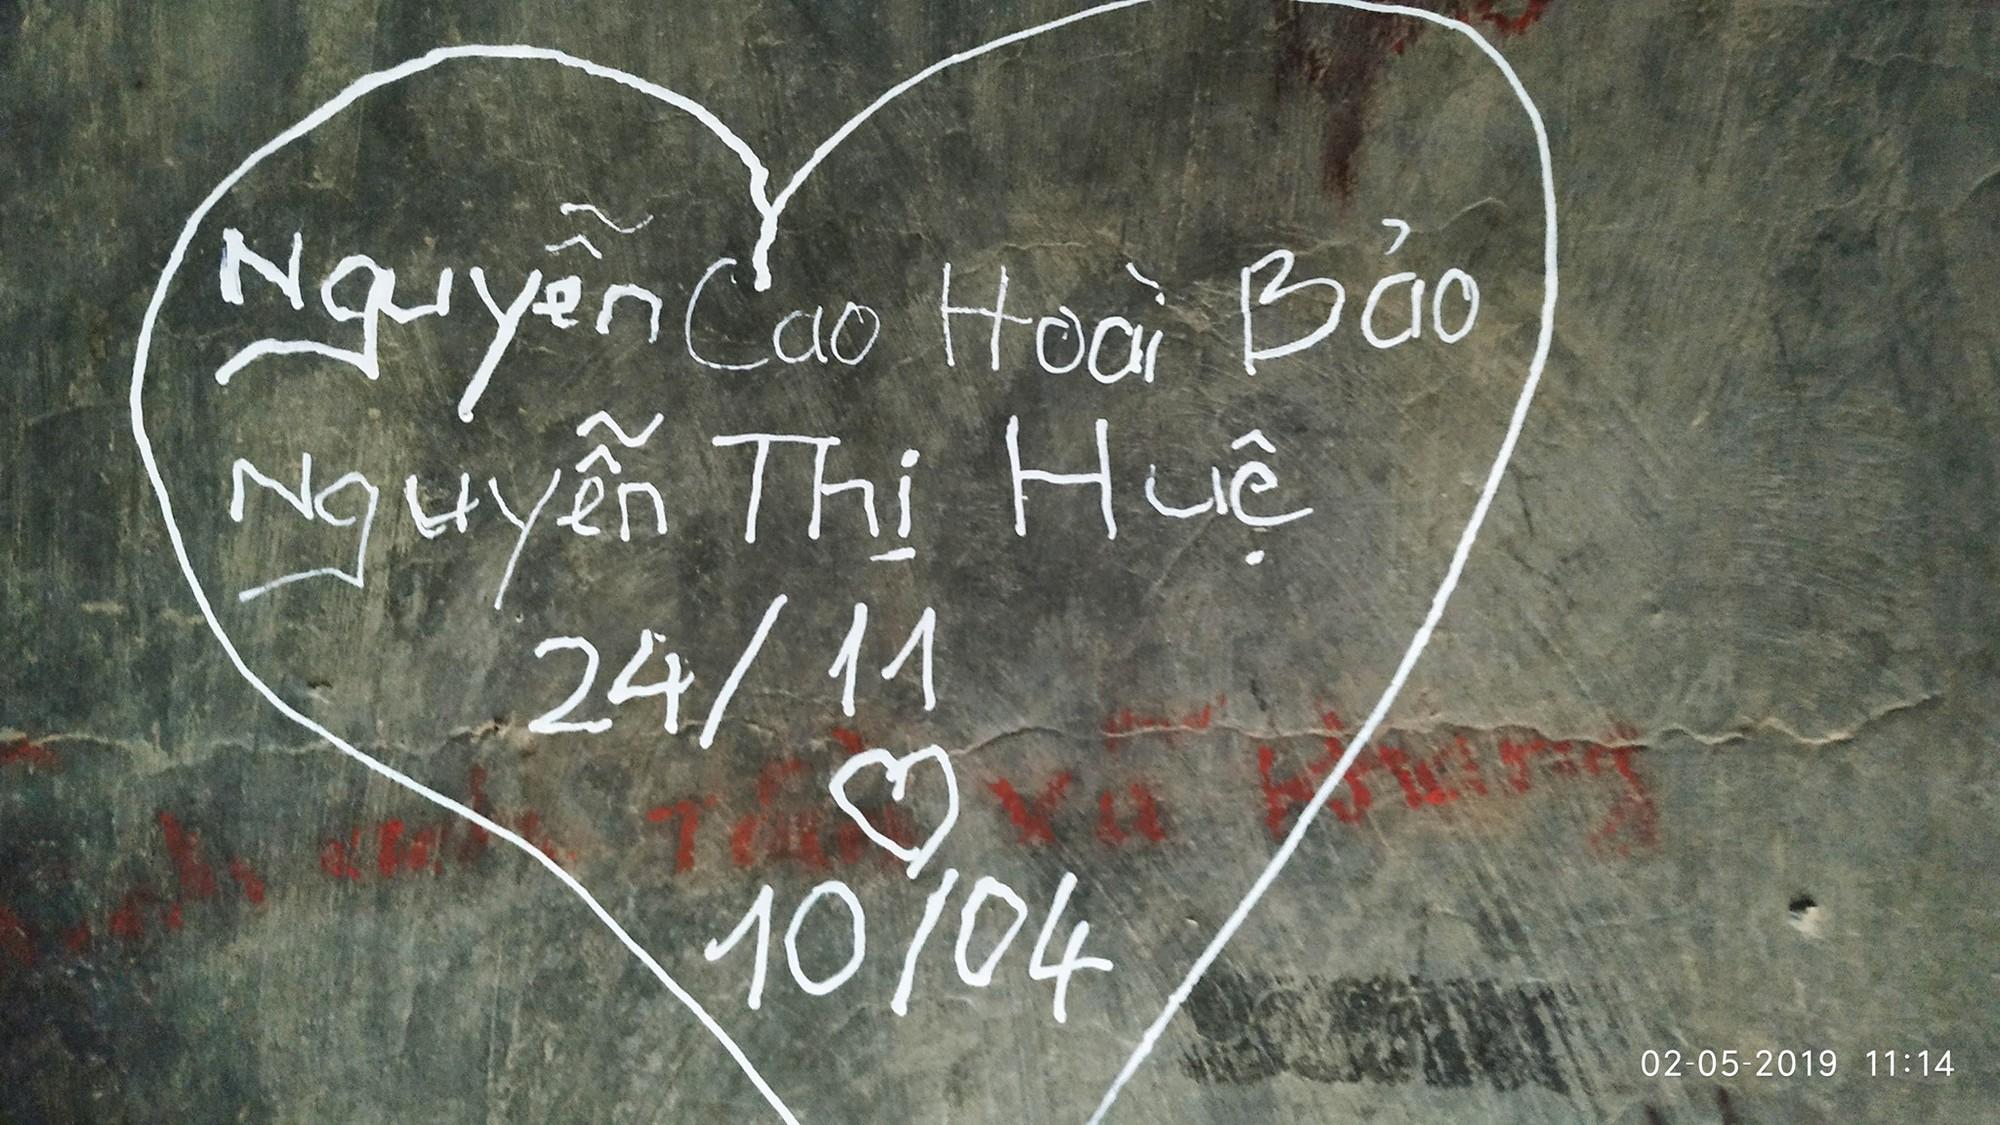 Không chỉ viết tên bố mẹ lên chuông đồng, nhiều bạn trẻ còn vẽ bậy để bày tỏ tình yêu ở chùa Linh Quy Pháp Ấn gây phẫn nộ - Ảnh 5.